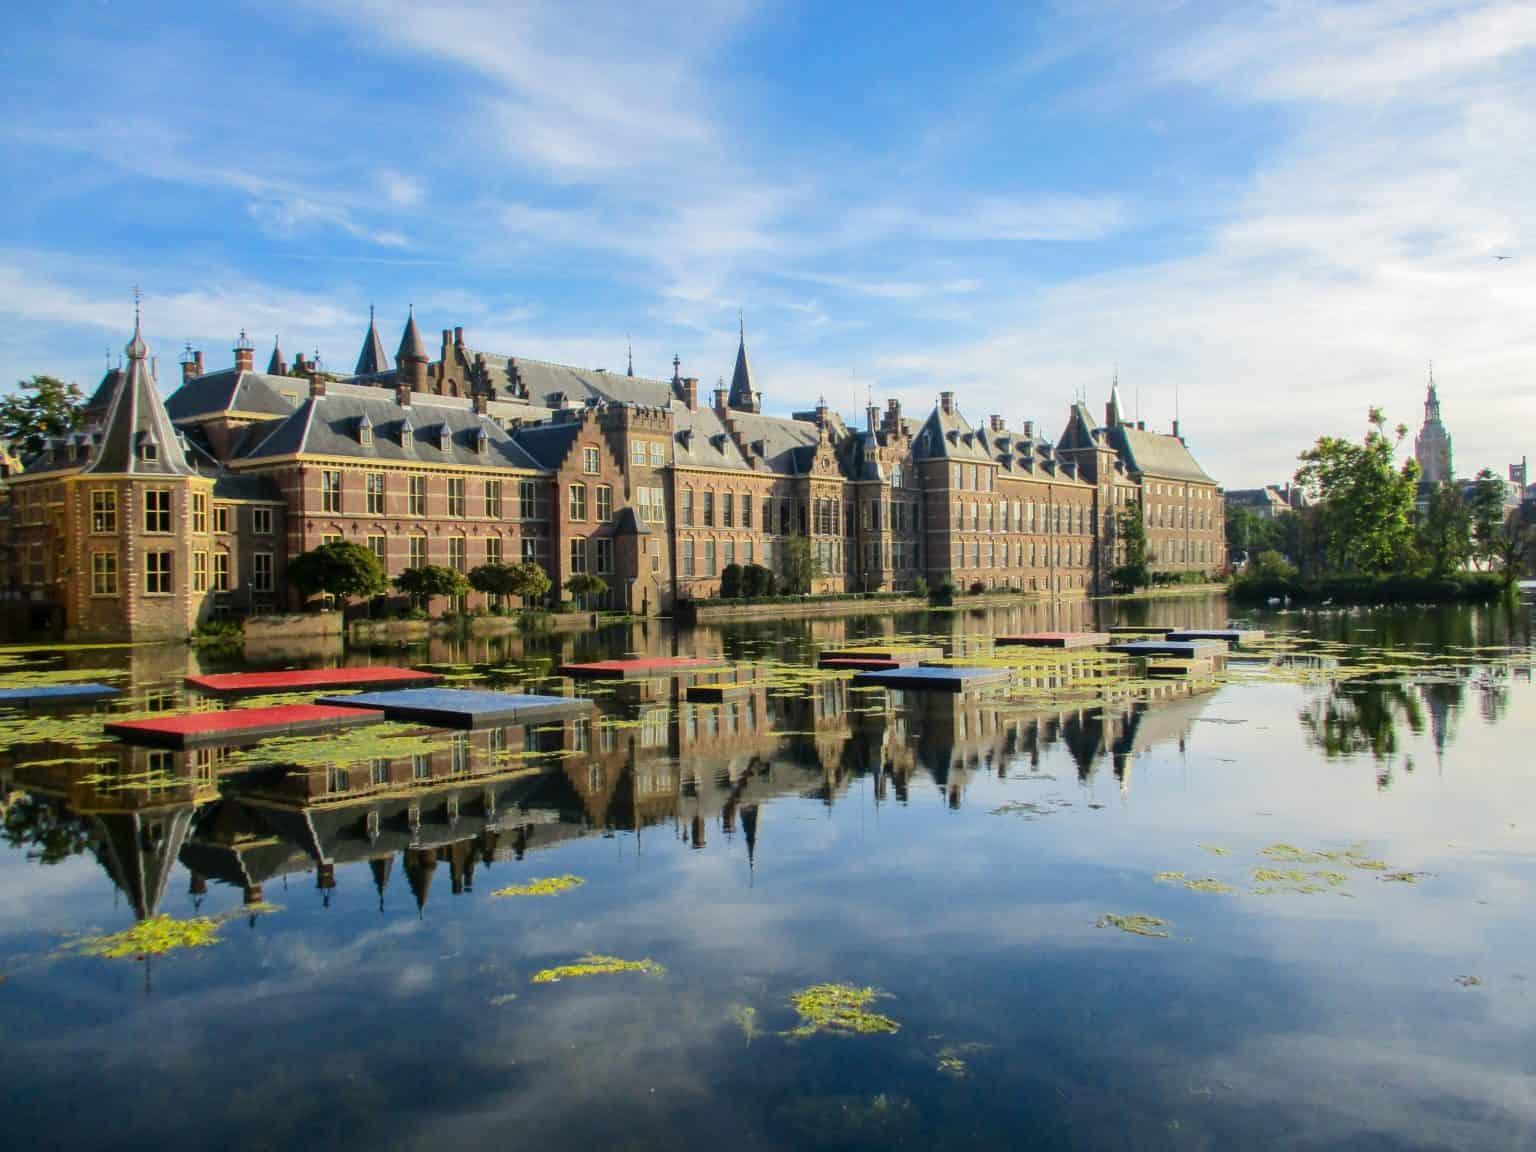 The Hague walking tour